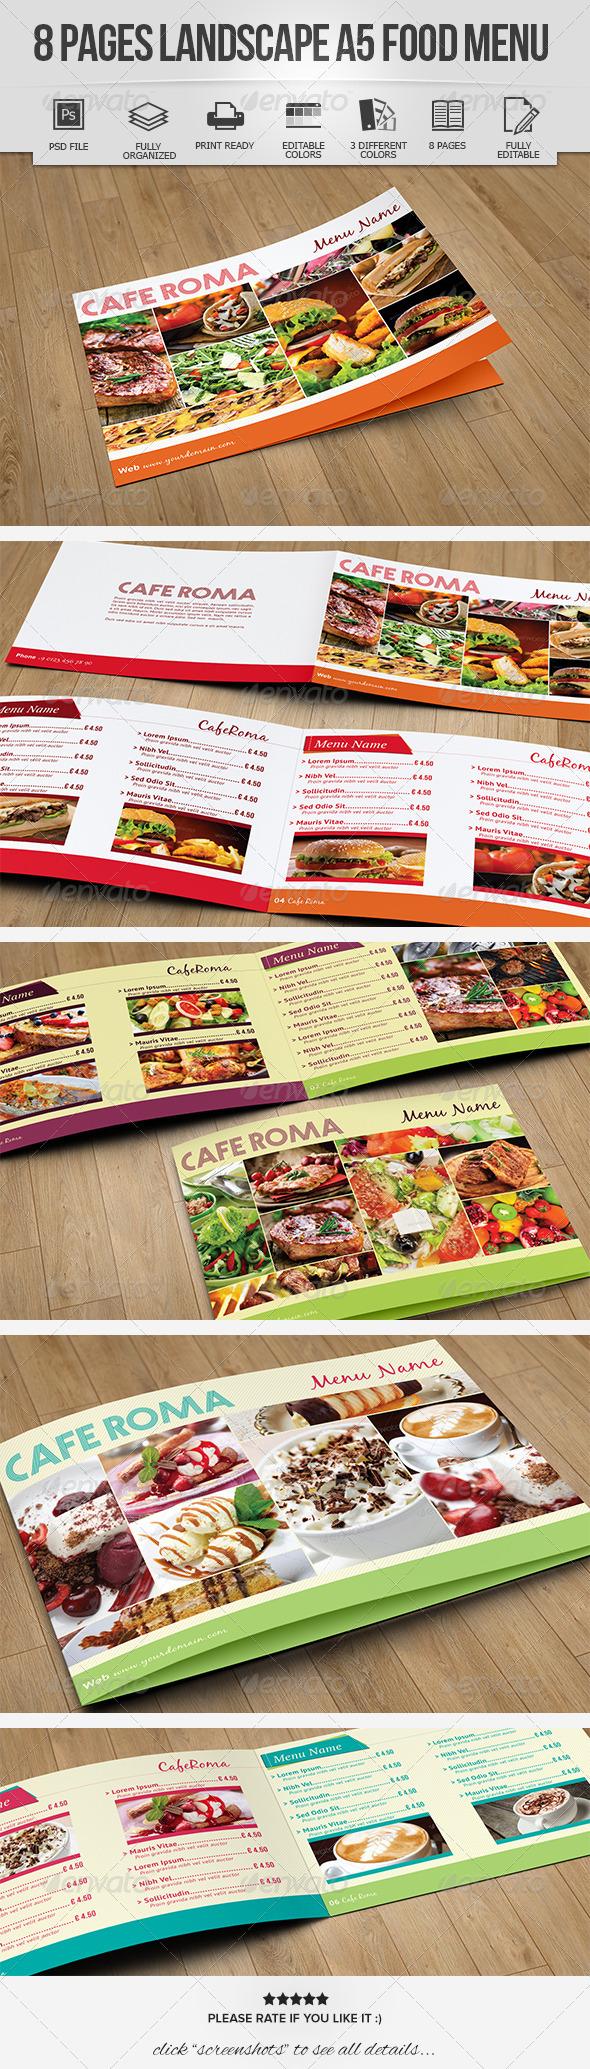 GraphicRiver 8 Pages Landscape A5 Food Menu 7039289